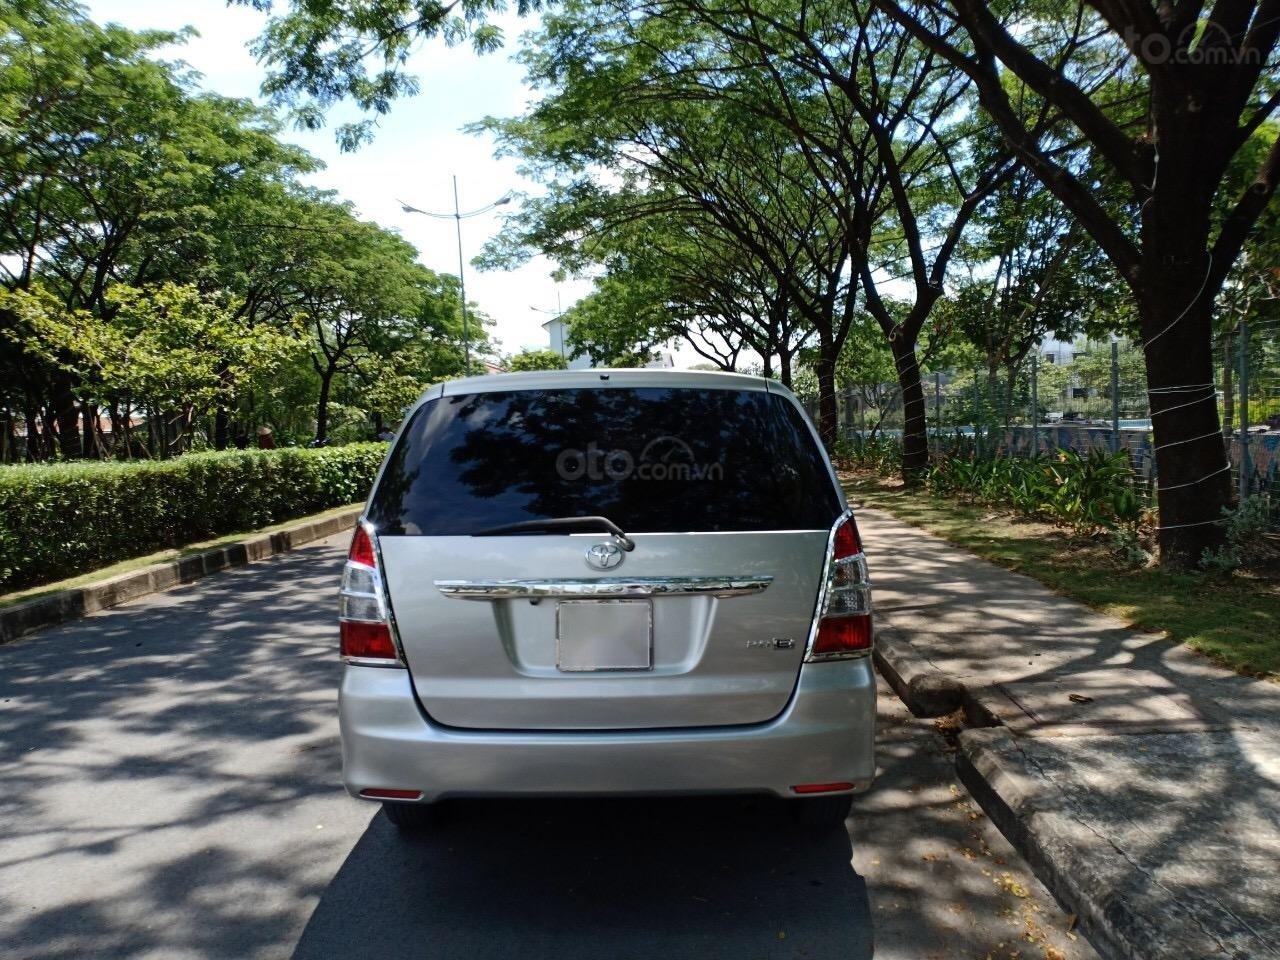 Cần bán xe Toyota Innova 2.0E sản xuất năm 2012, xe ông lão đi nay bán lại 455 triệu-2